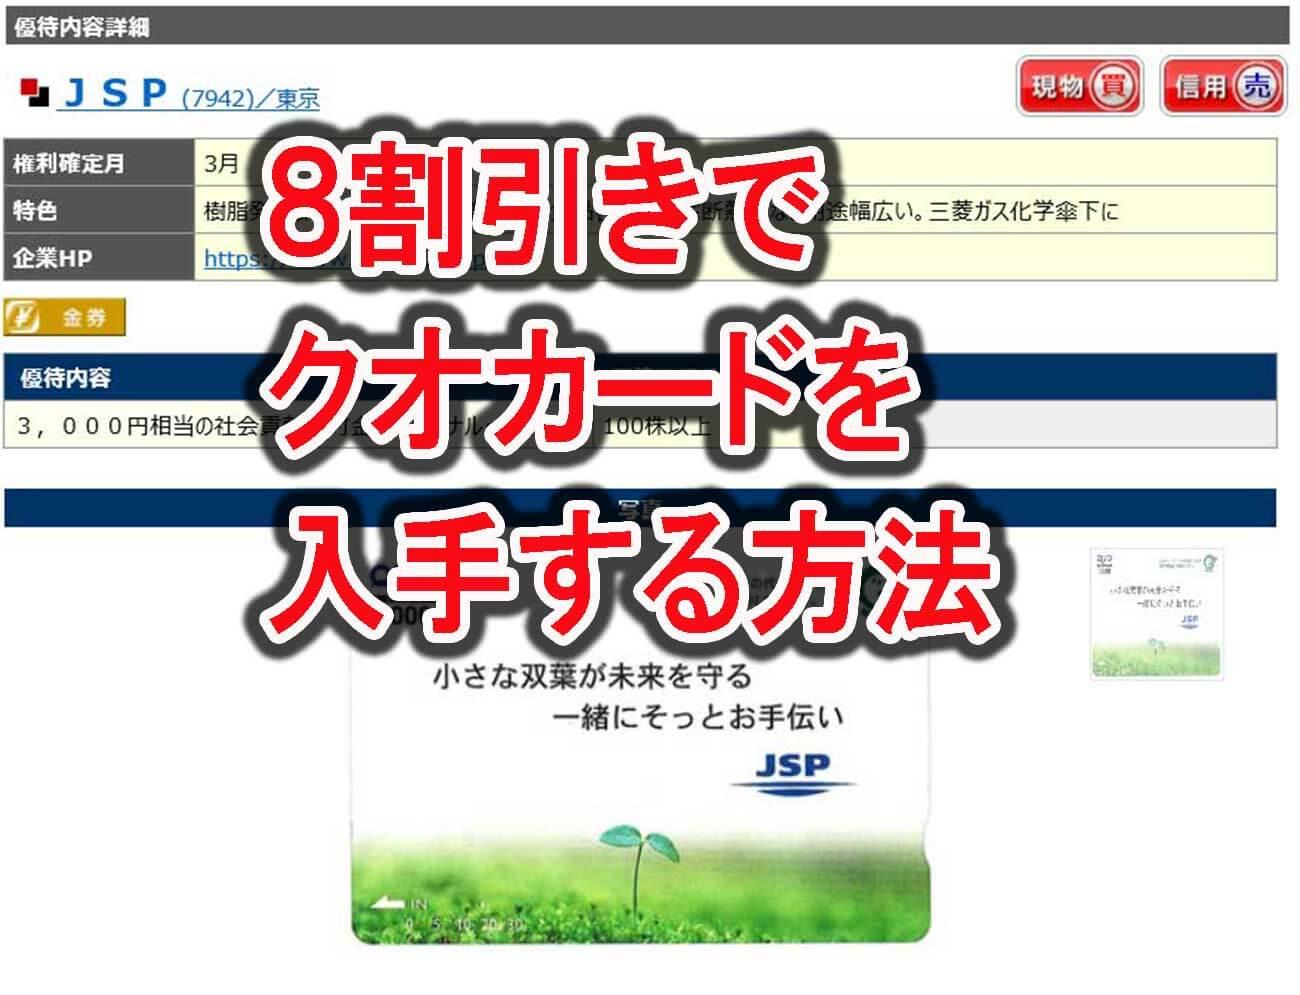 アイキャッチ JSP株